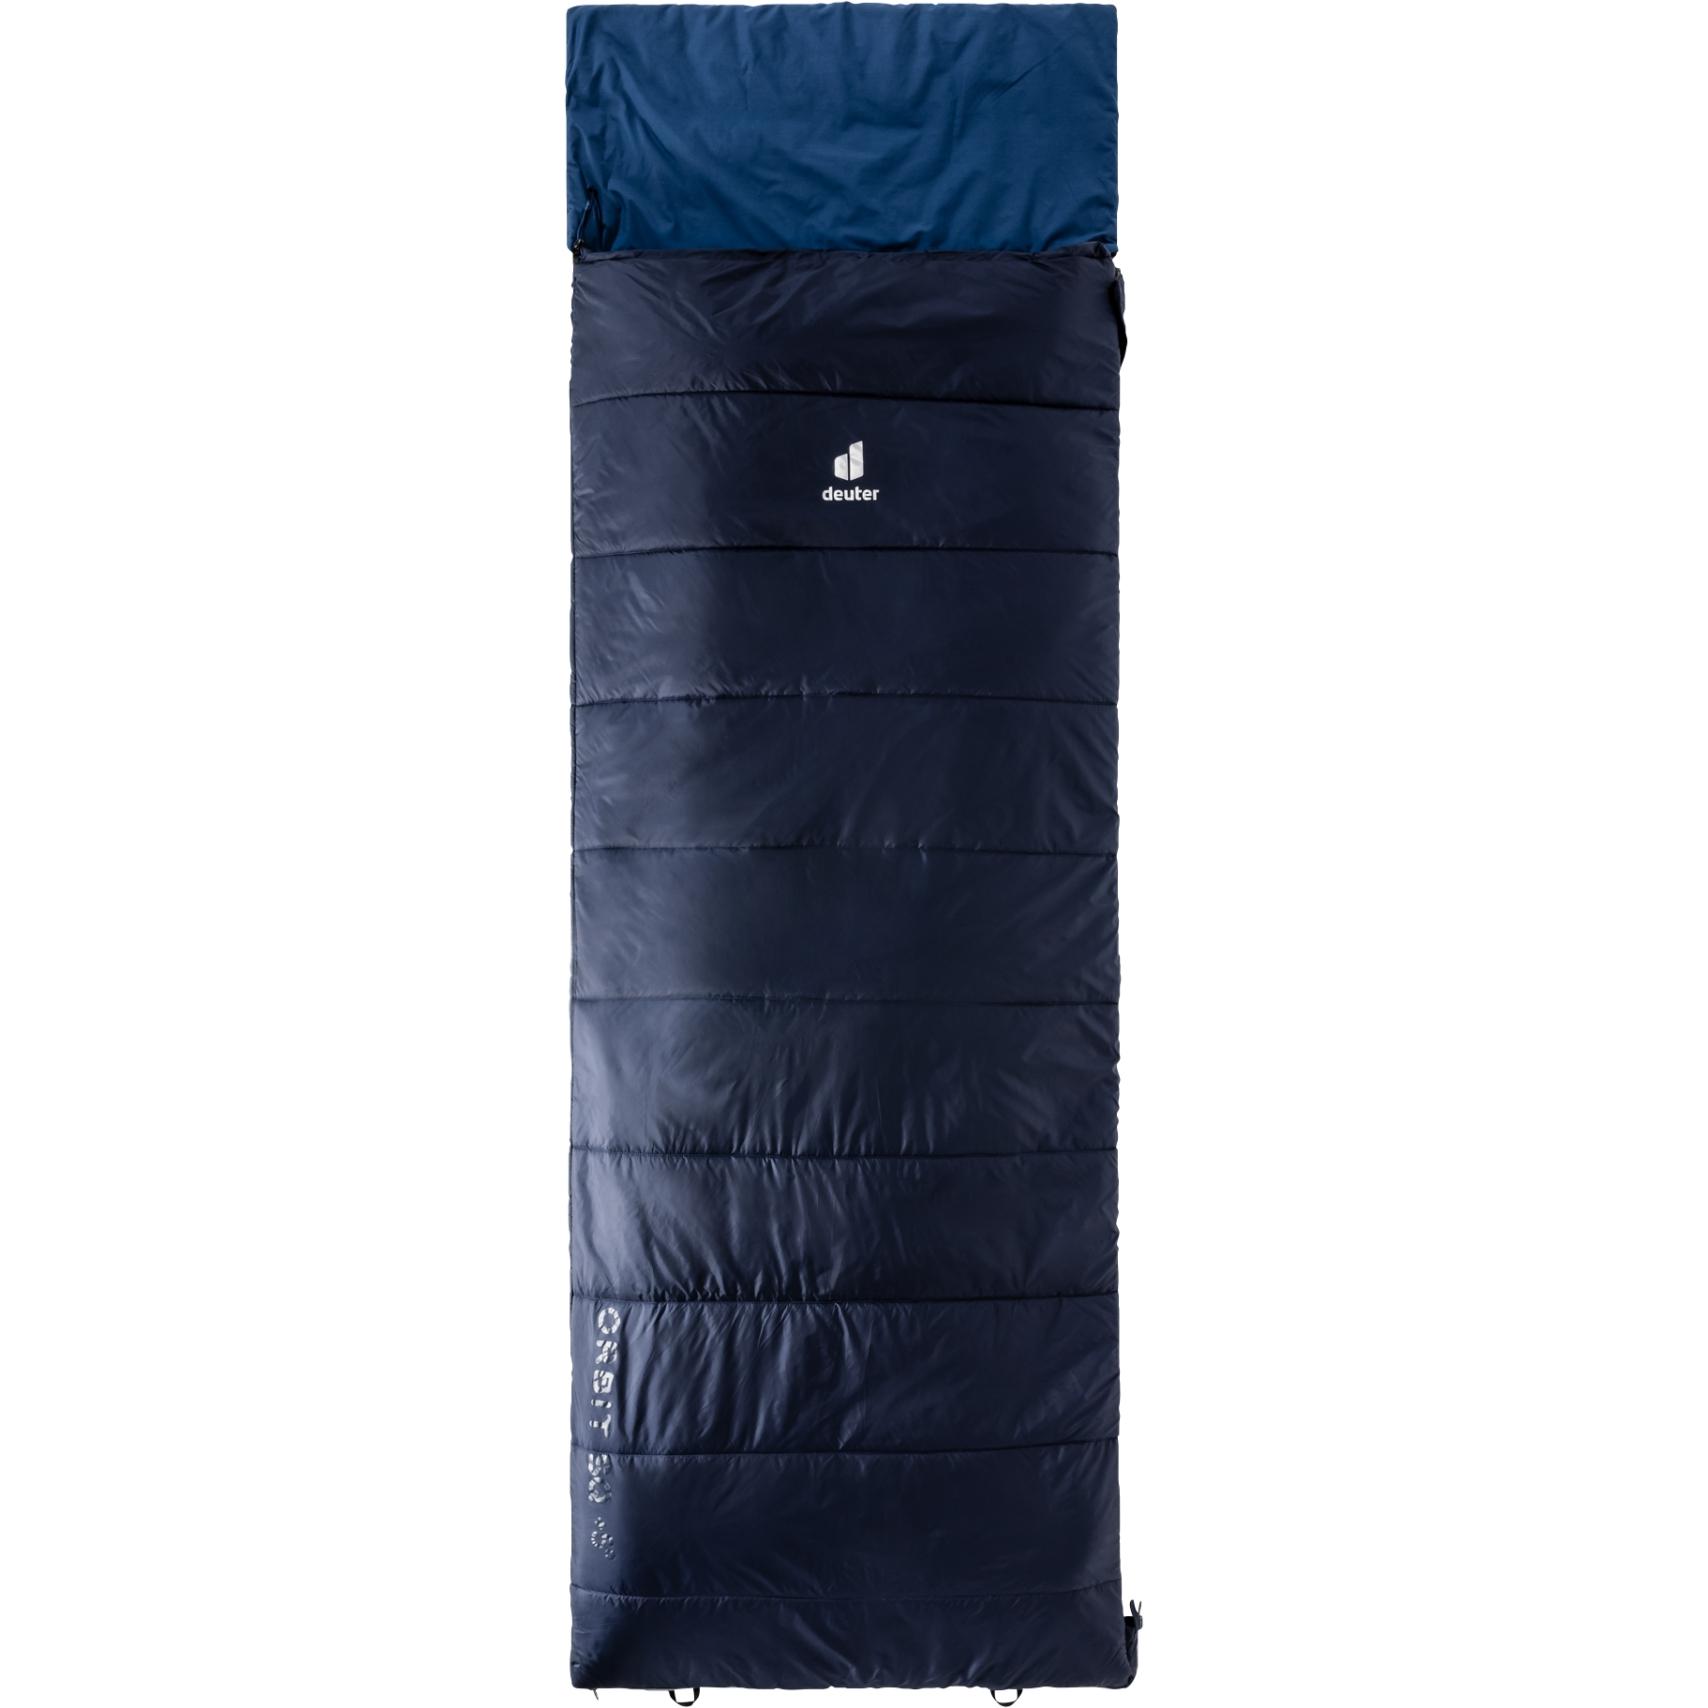 Image of Deuter Orbit SQ +5° Sleeping Bag - zip right - navy-steel